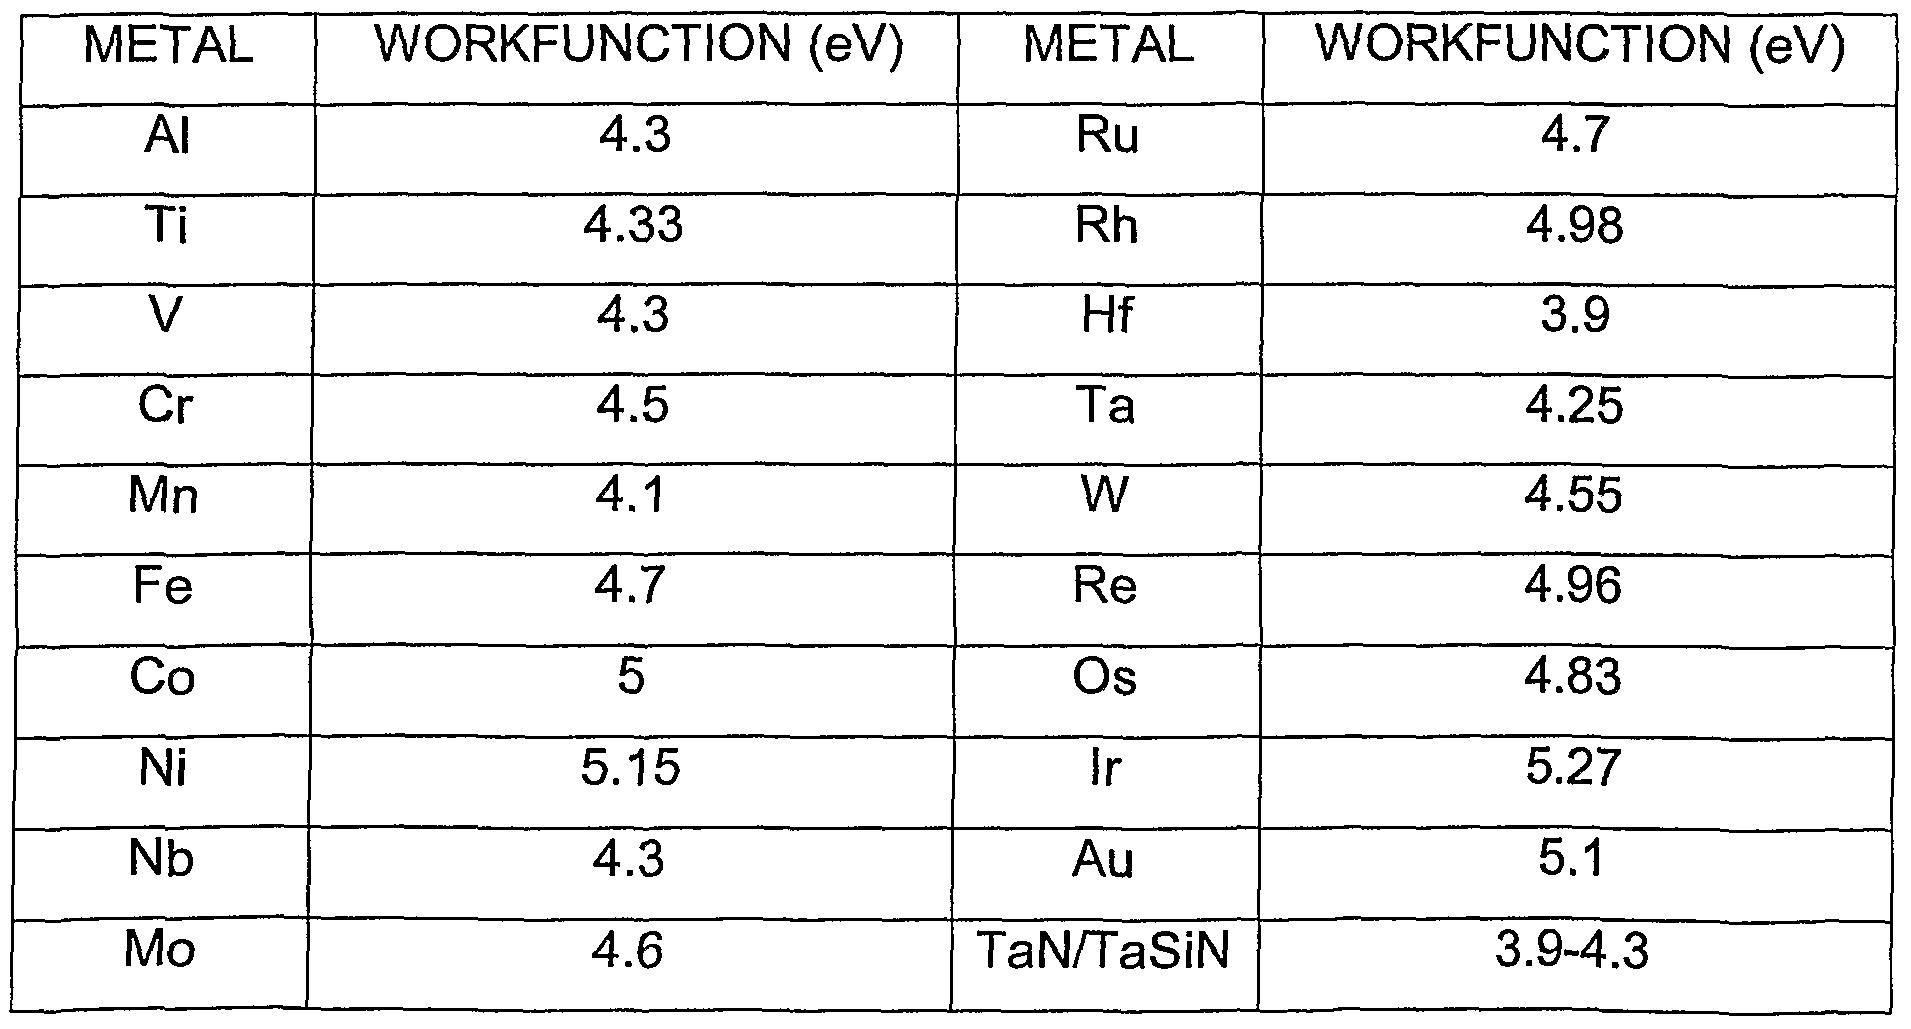 Work function of metals list